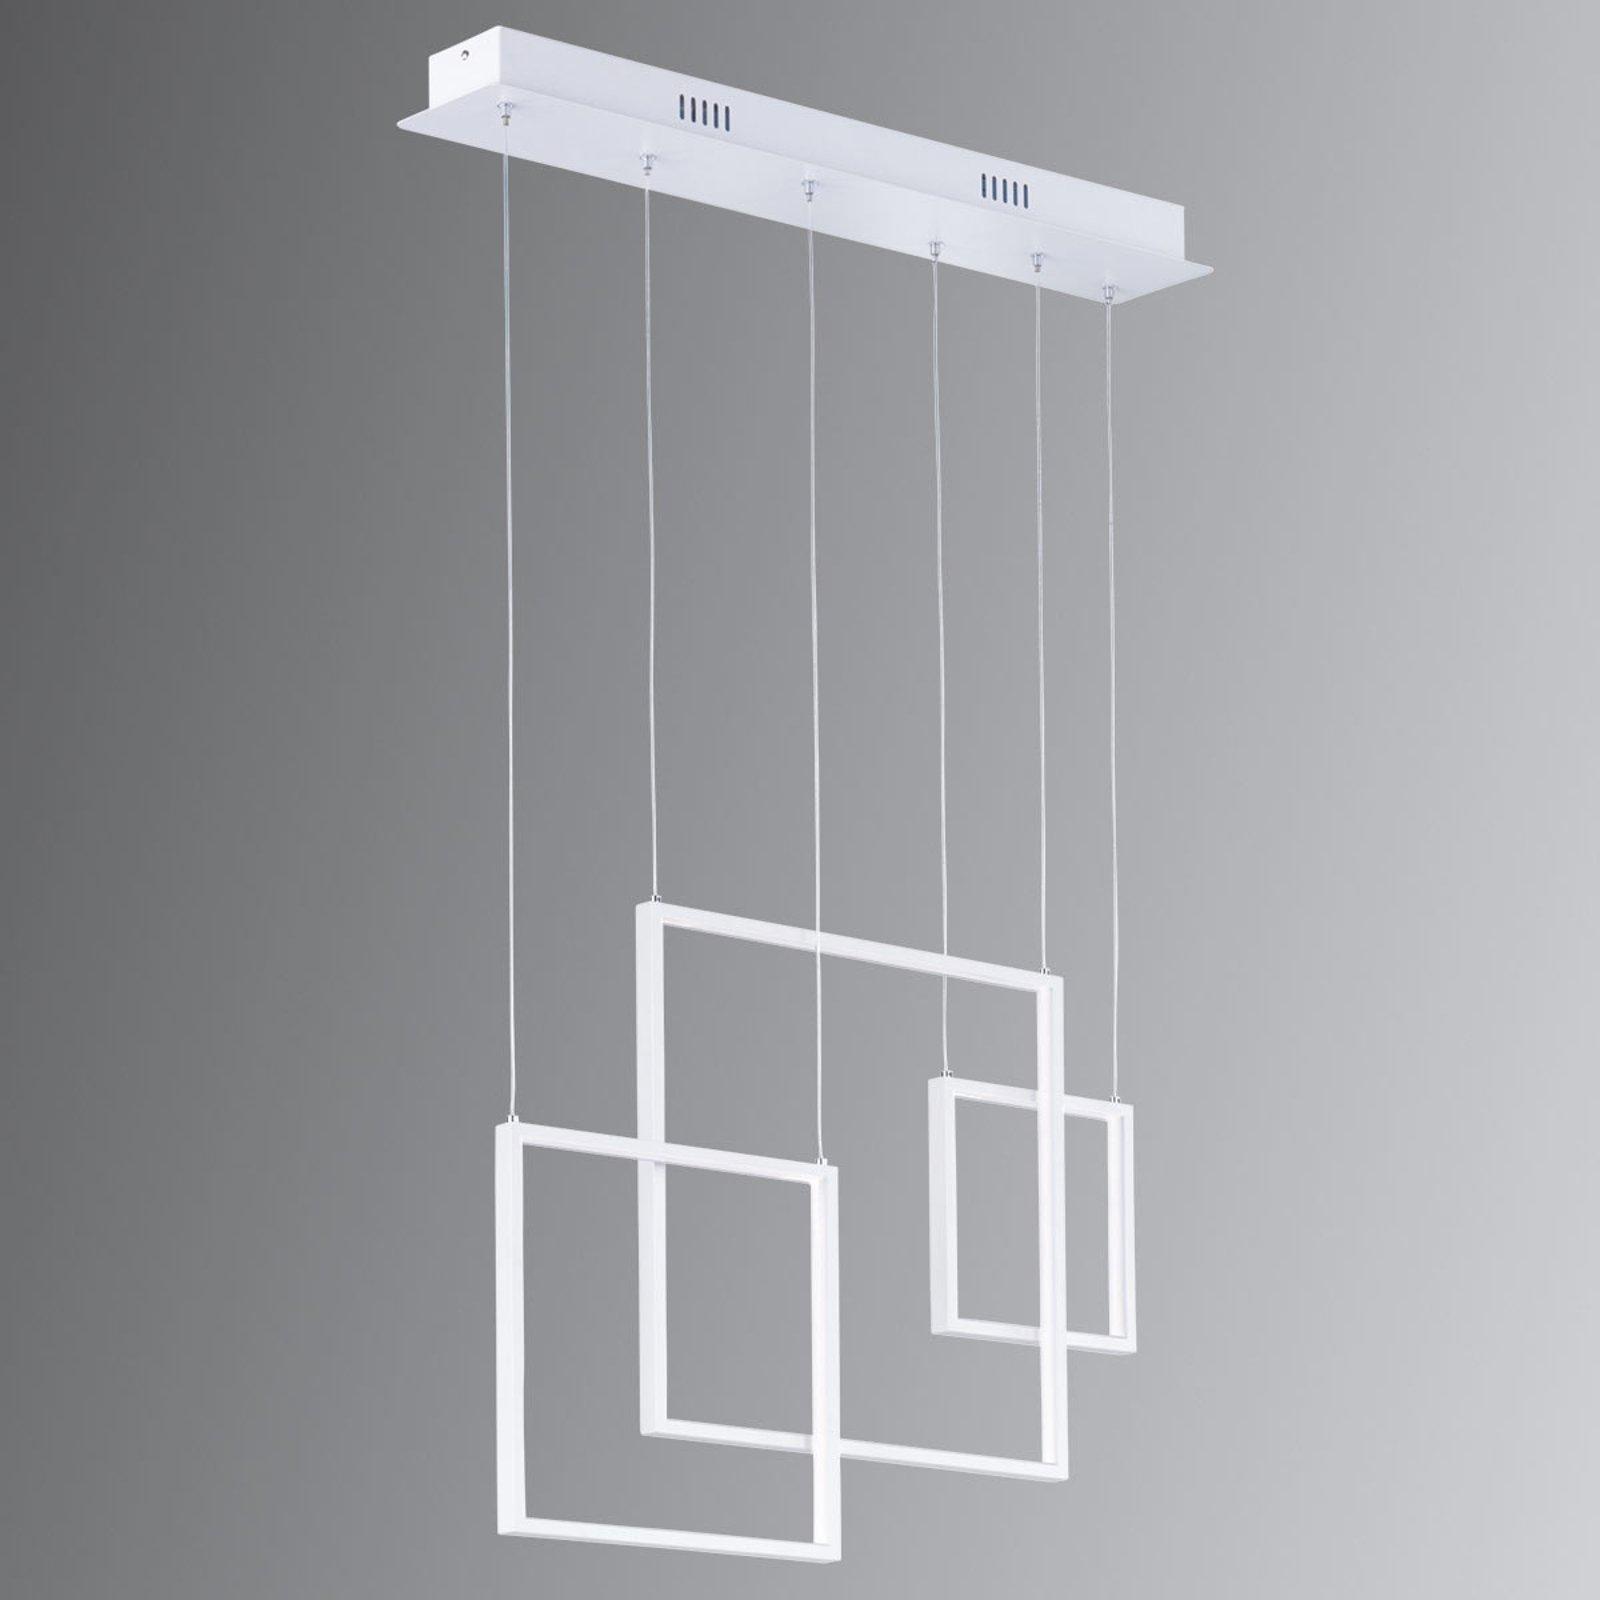 LED-hengelampe Tuscon med Switchdim-funksjon